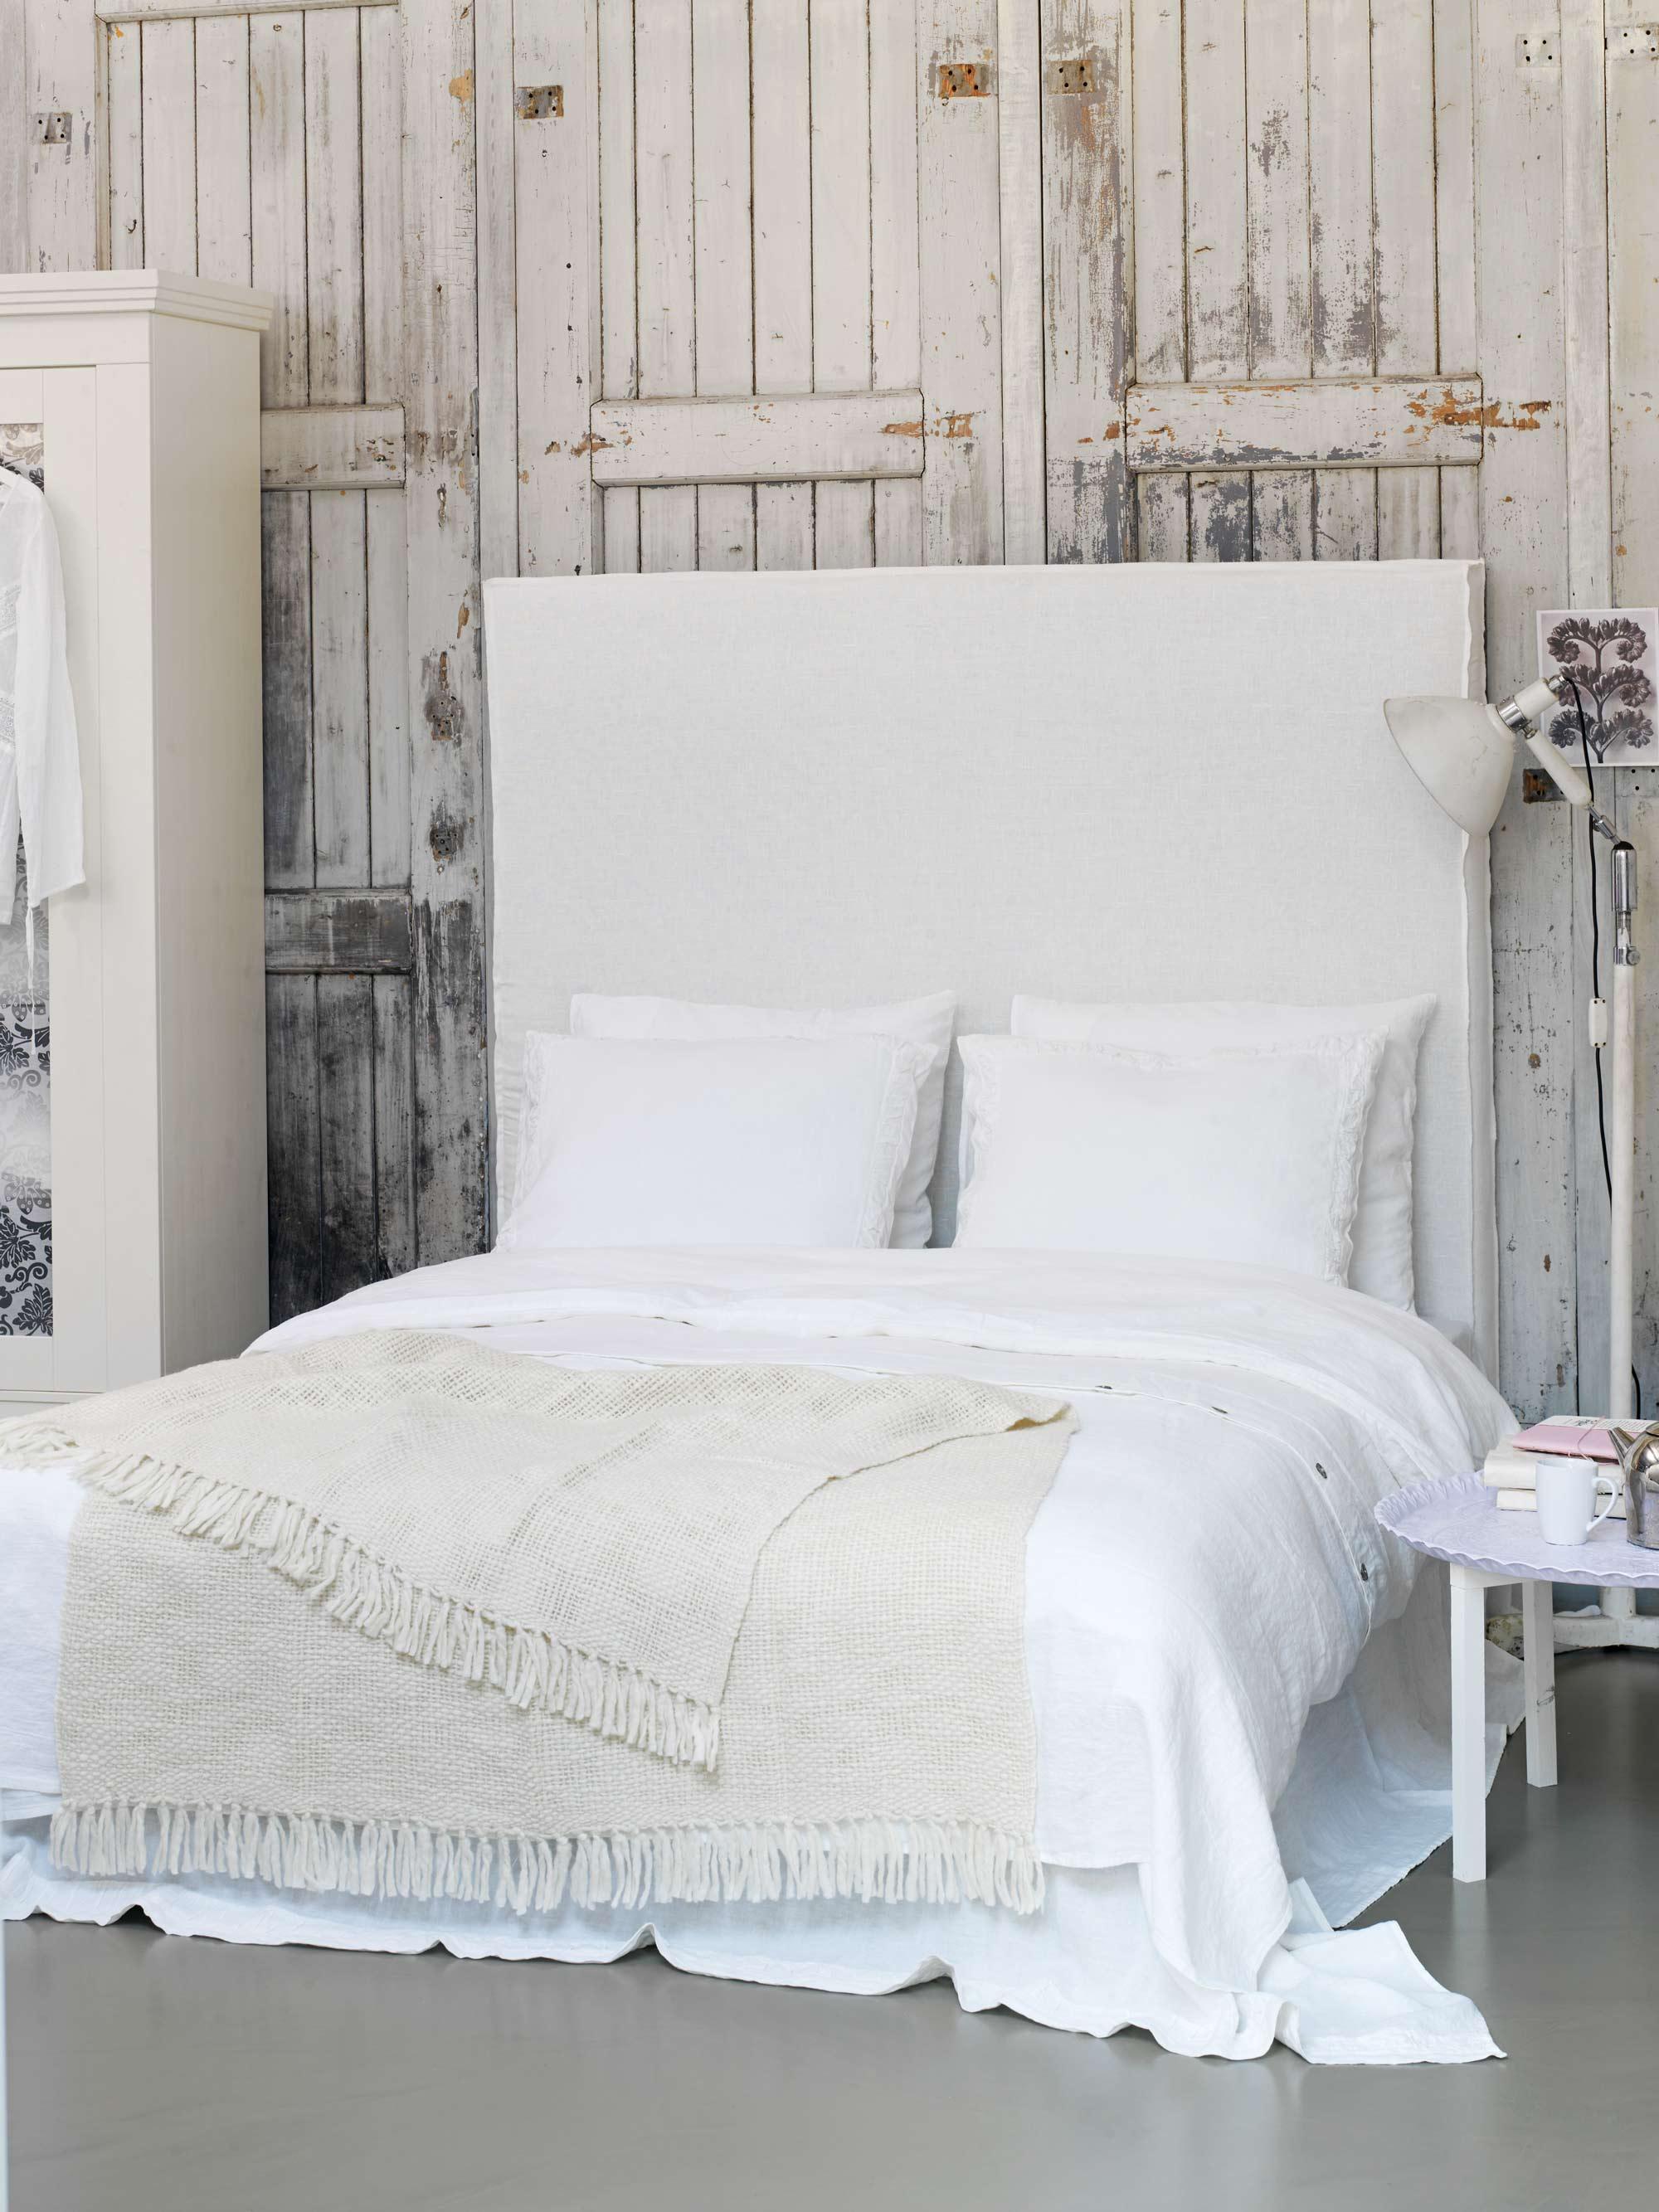 slaapkamer-bodem-bed